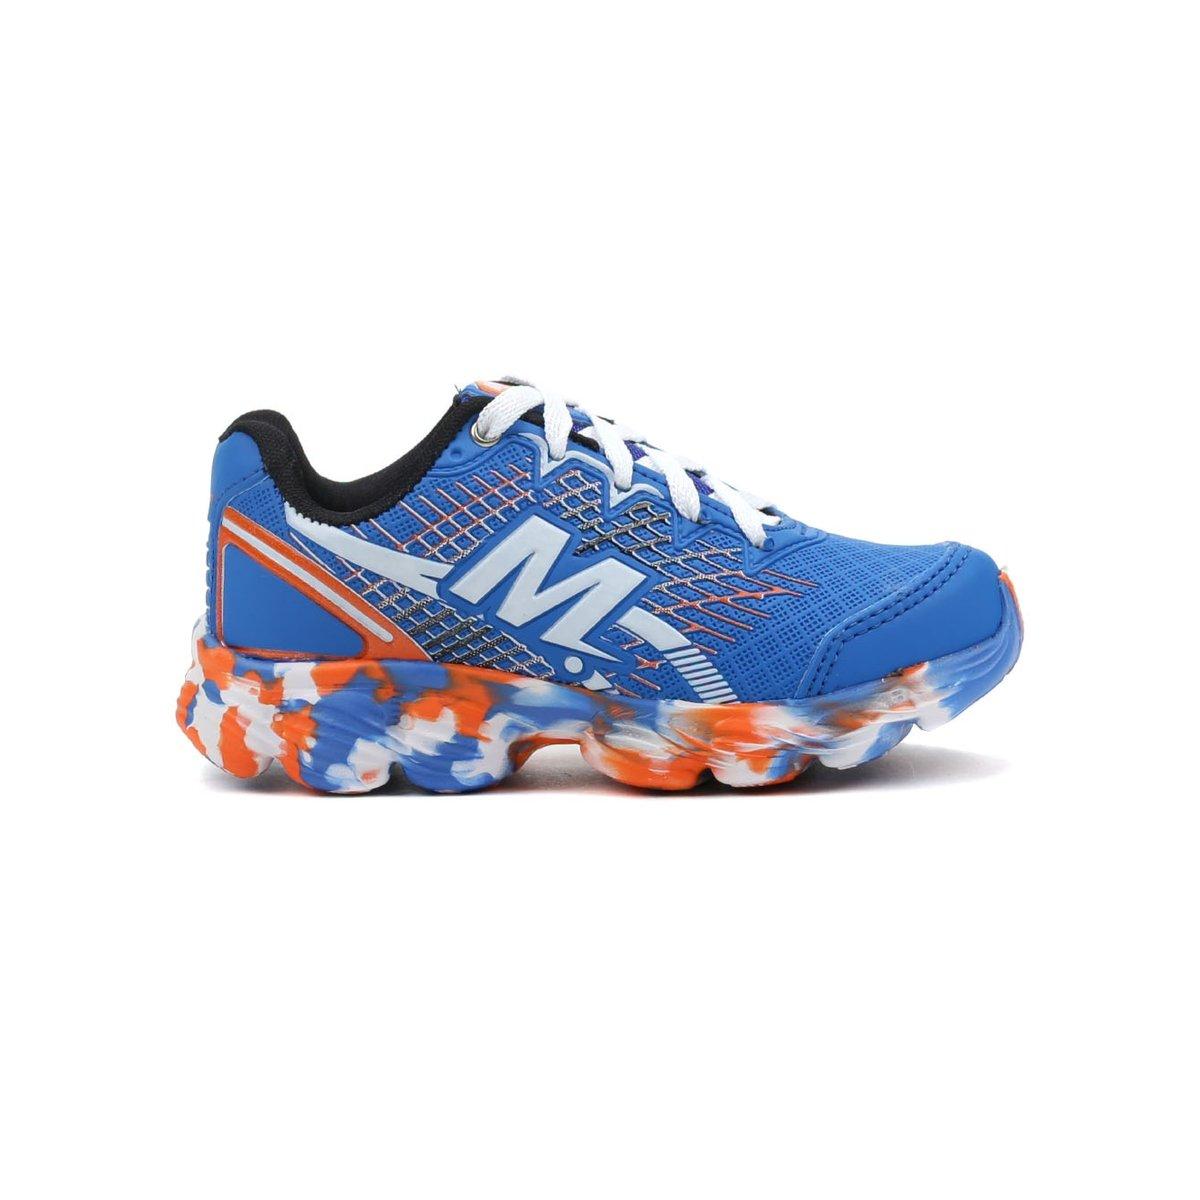 43c6a5f6634 Tênis Infantil Para Menino Azul - Compre Agora